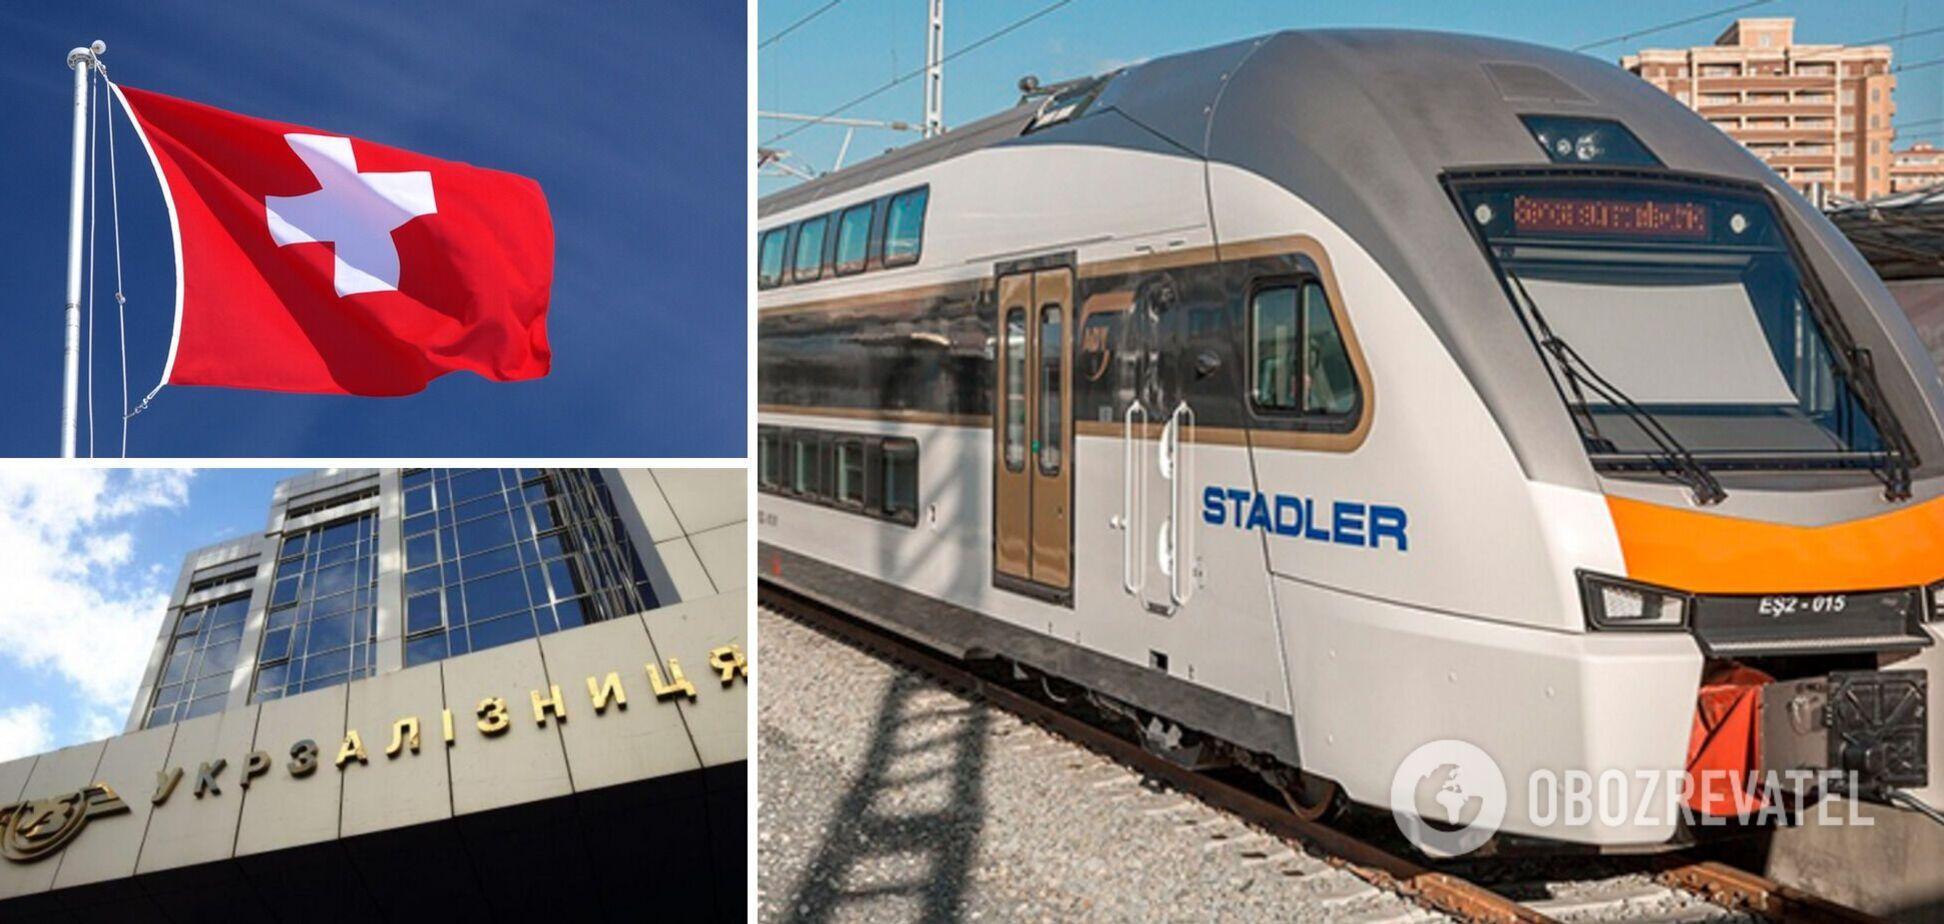 Швейцарія купила електрички в два рази дешевше, ніж хоче 'Укрзалізниця' на тендері